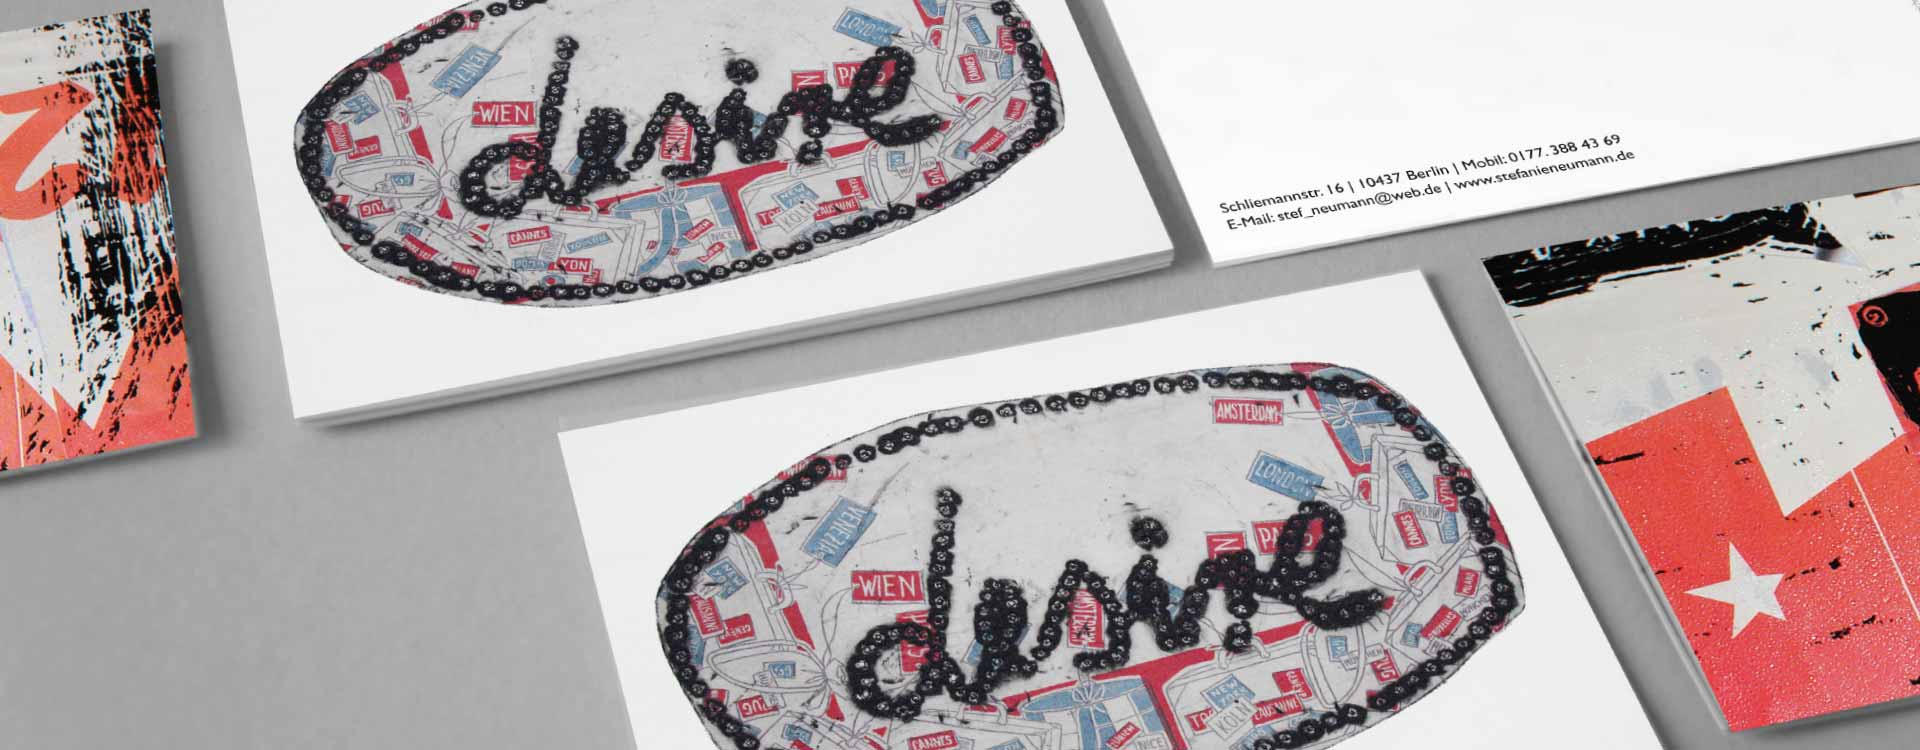 Postcards for Stefanie Neumann; Design: Kattrin Richter | Graphic Design Studio